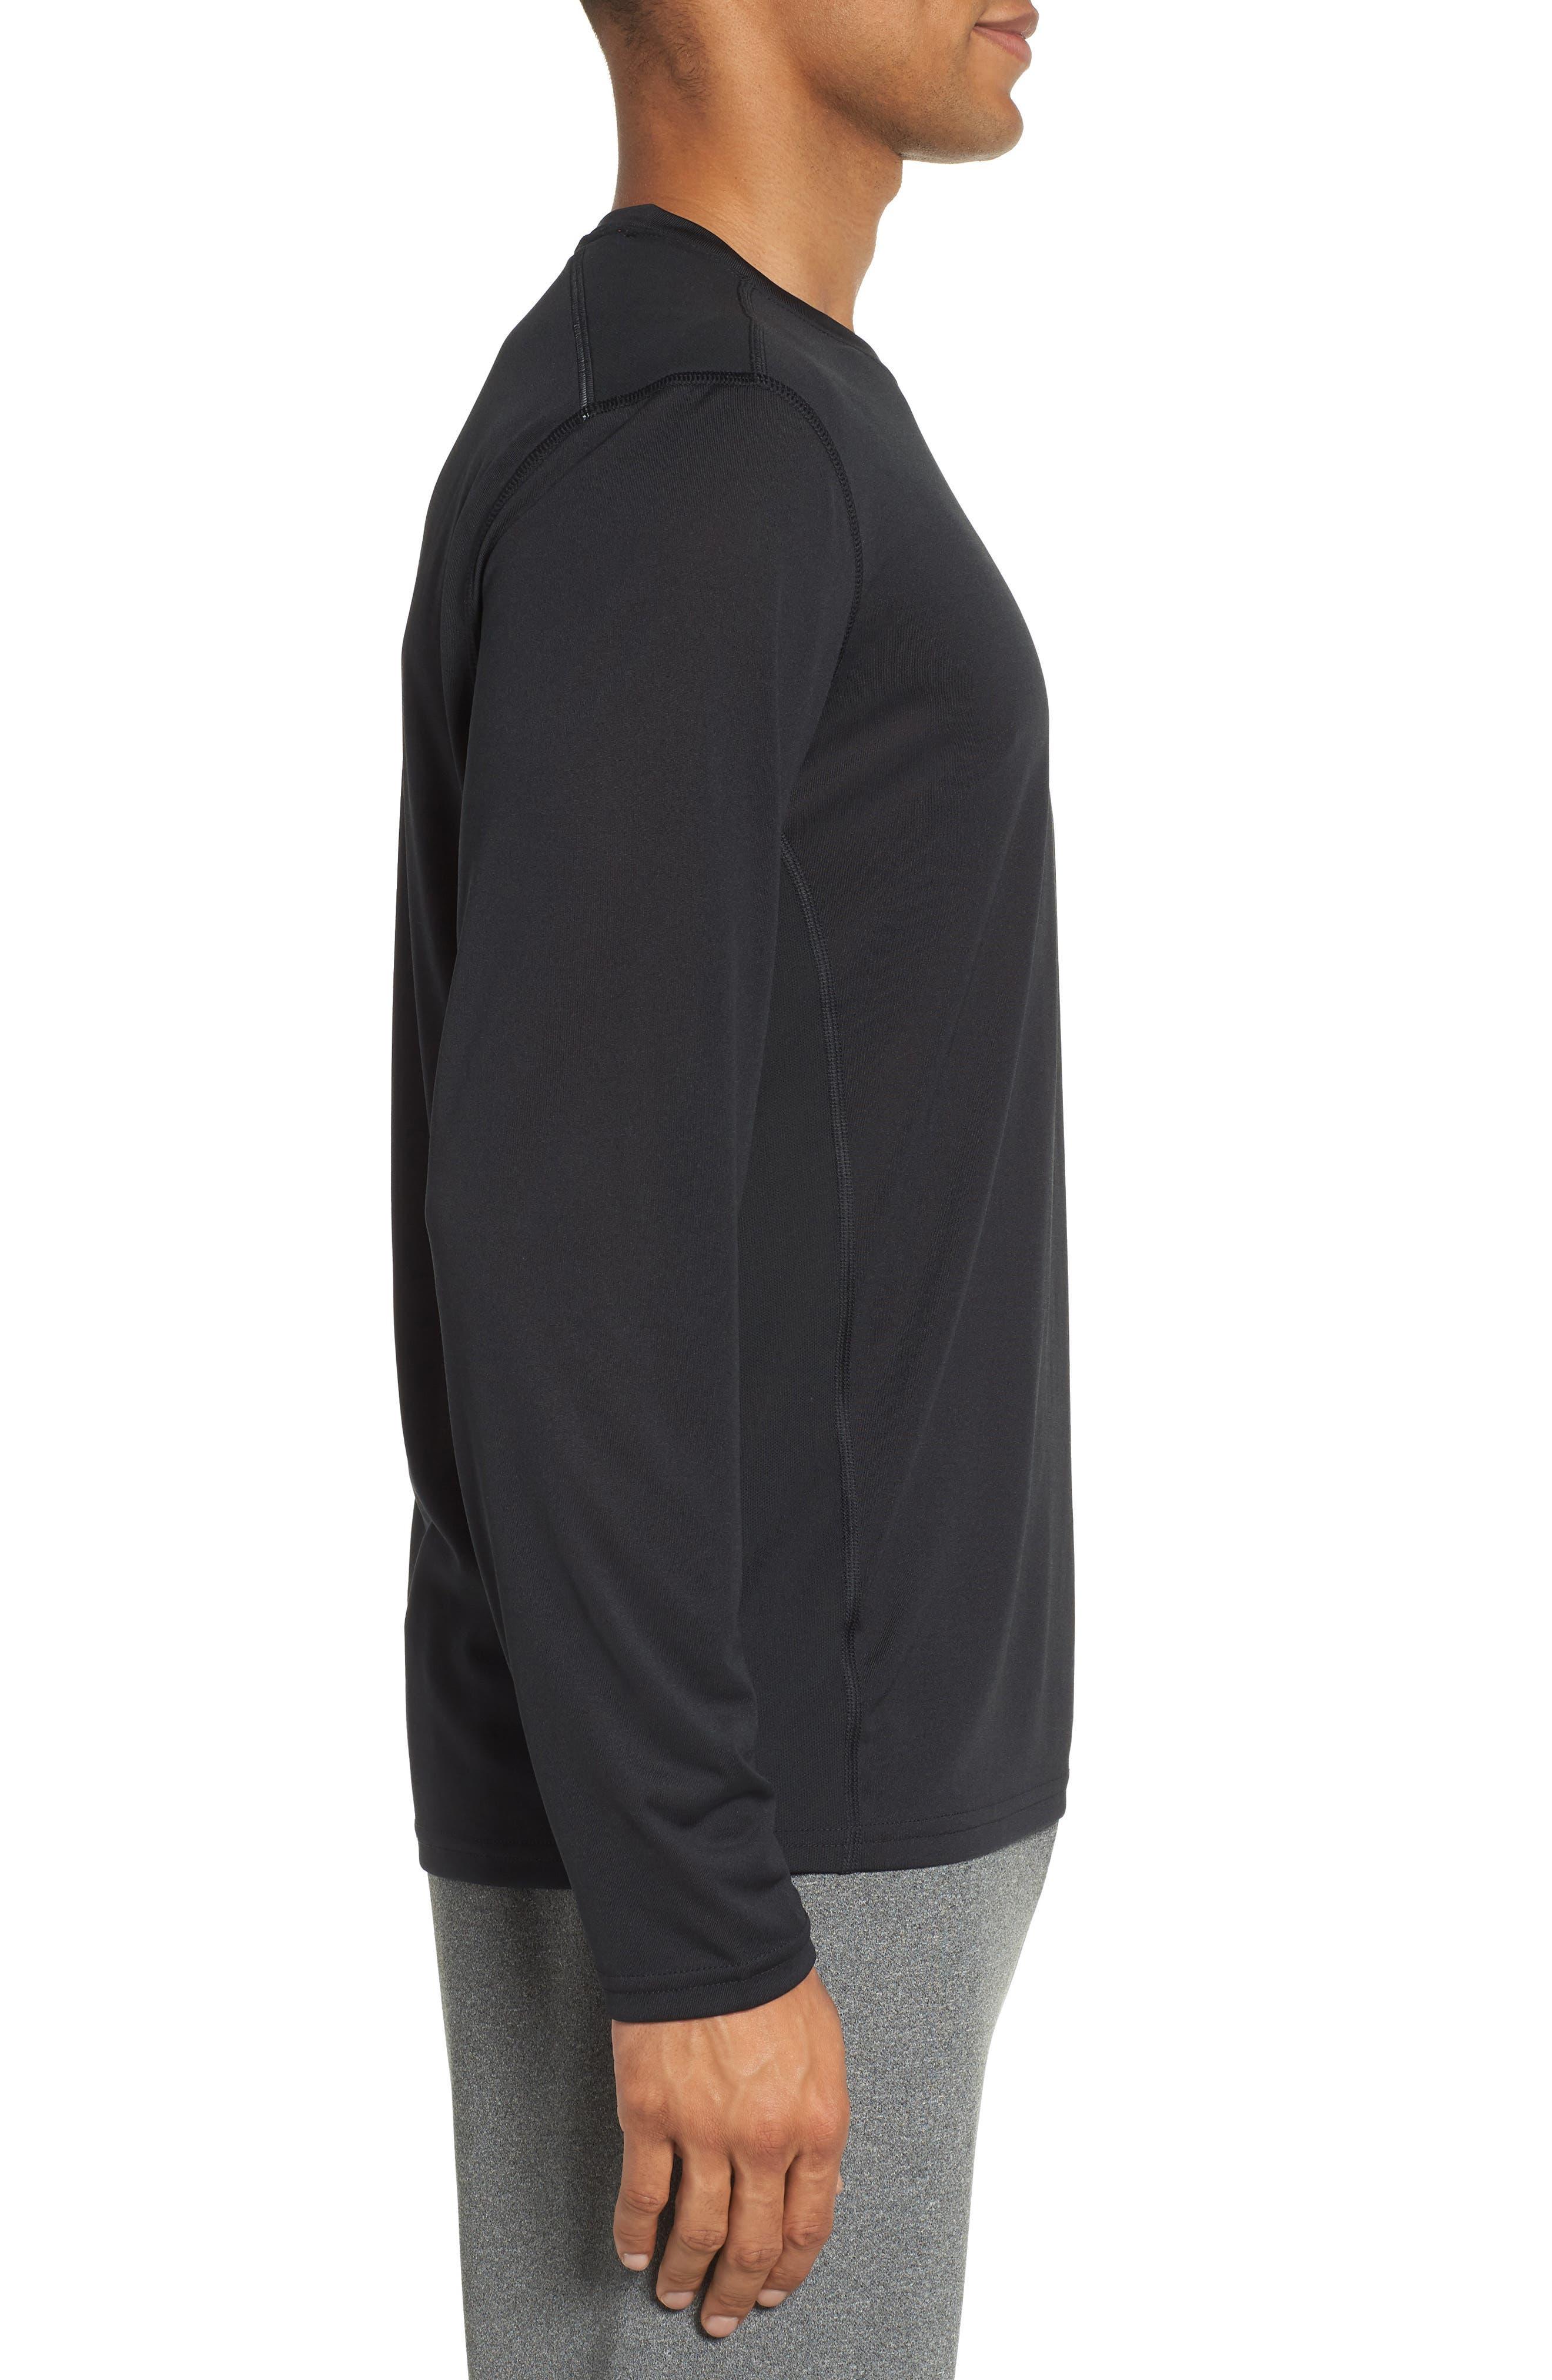 Goodsport T-Shirt,                             Alternate thumbnail 3, color,                             JET BLACK